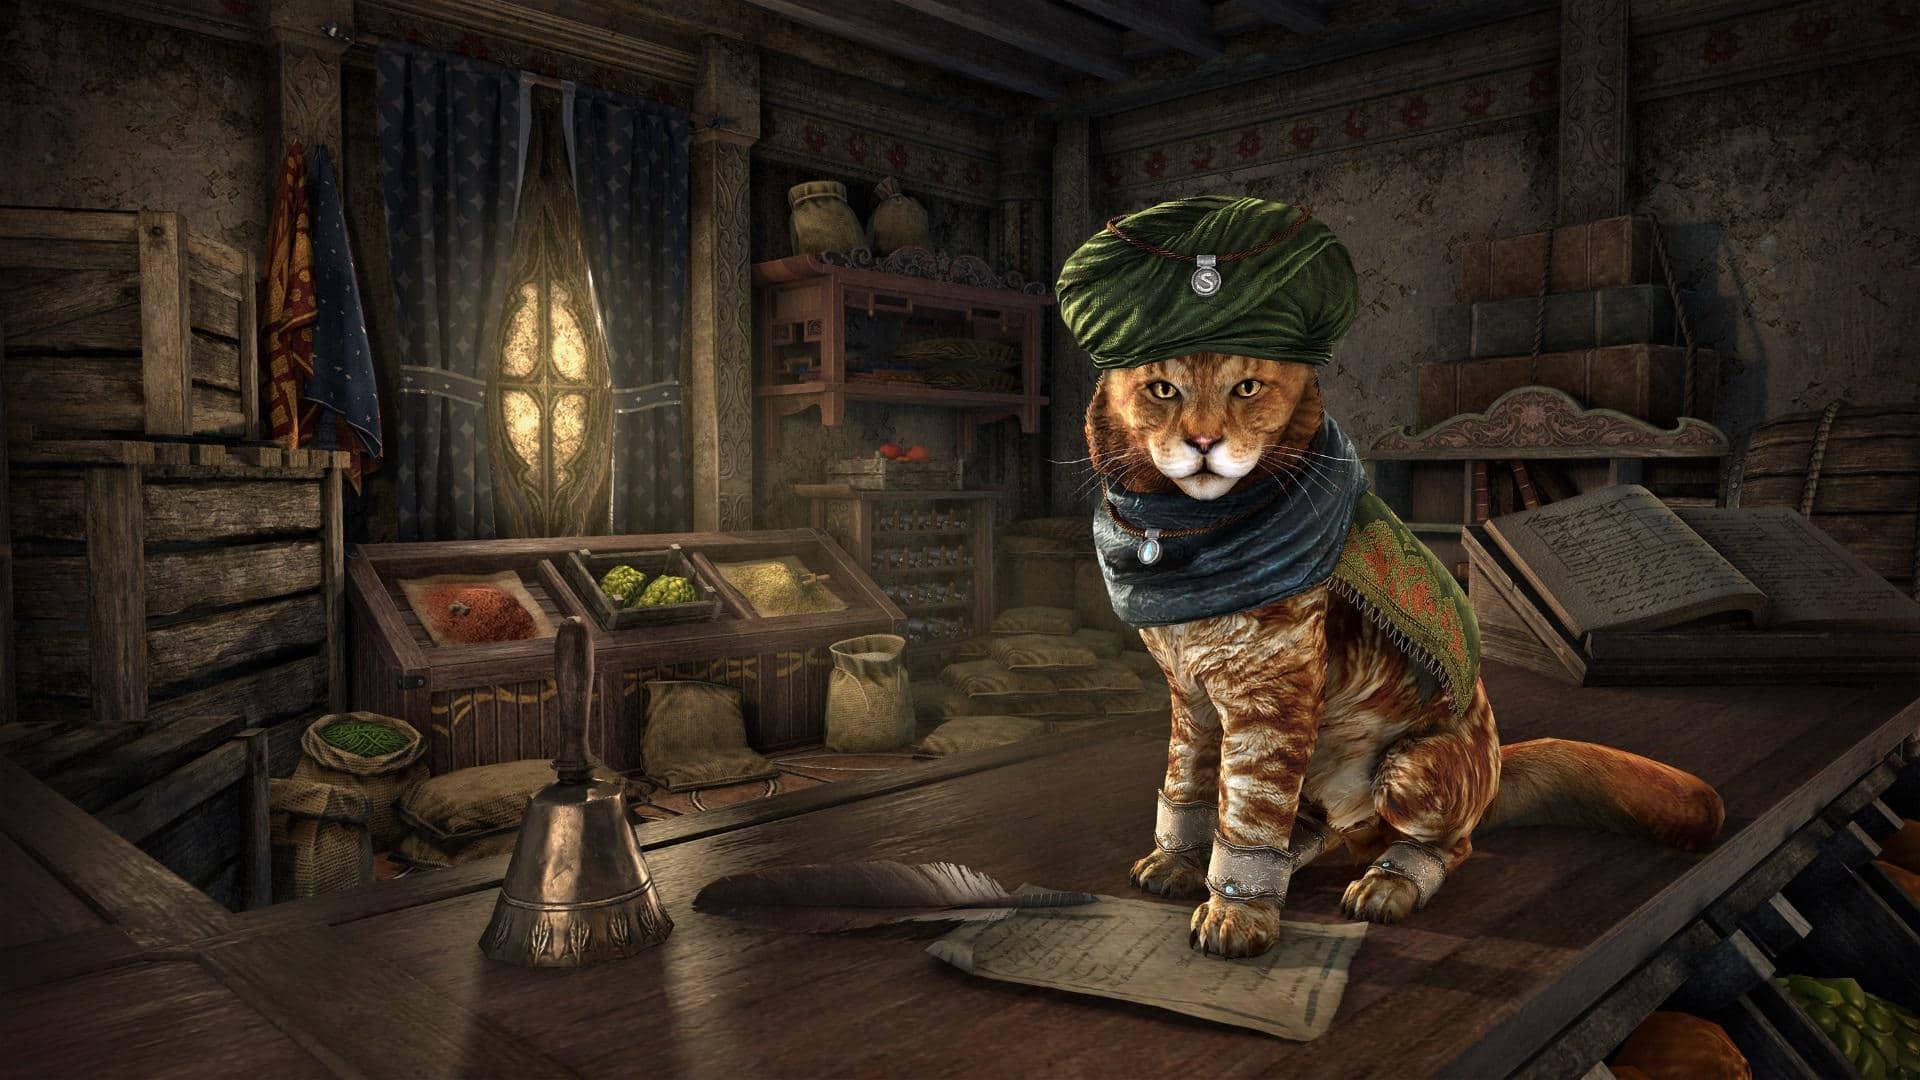 ВSkyrim добавили очень милых котиков